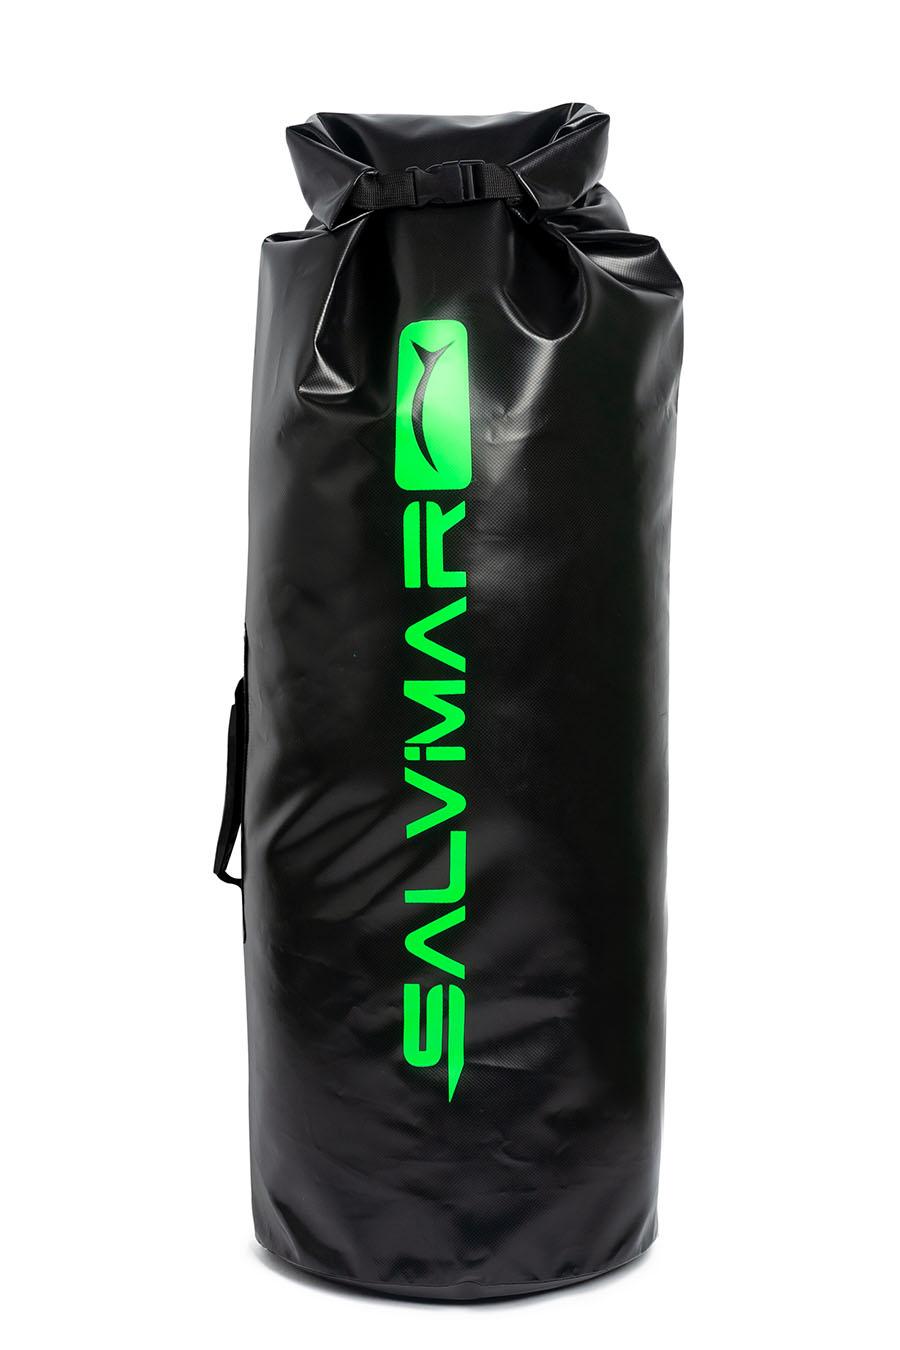 Гермомешок-Рюкзак Salvimar Drybackpack 60-80 Литров фото